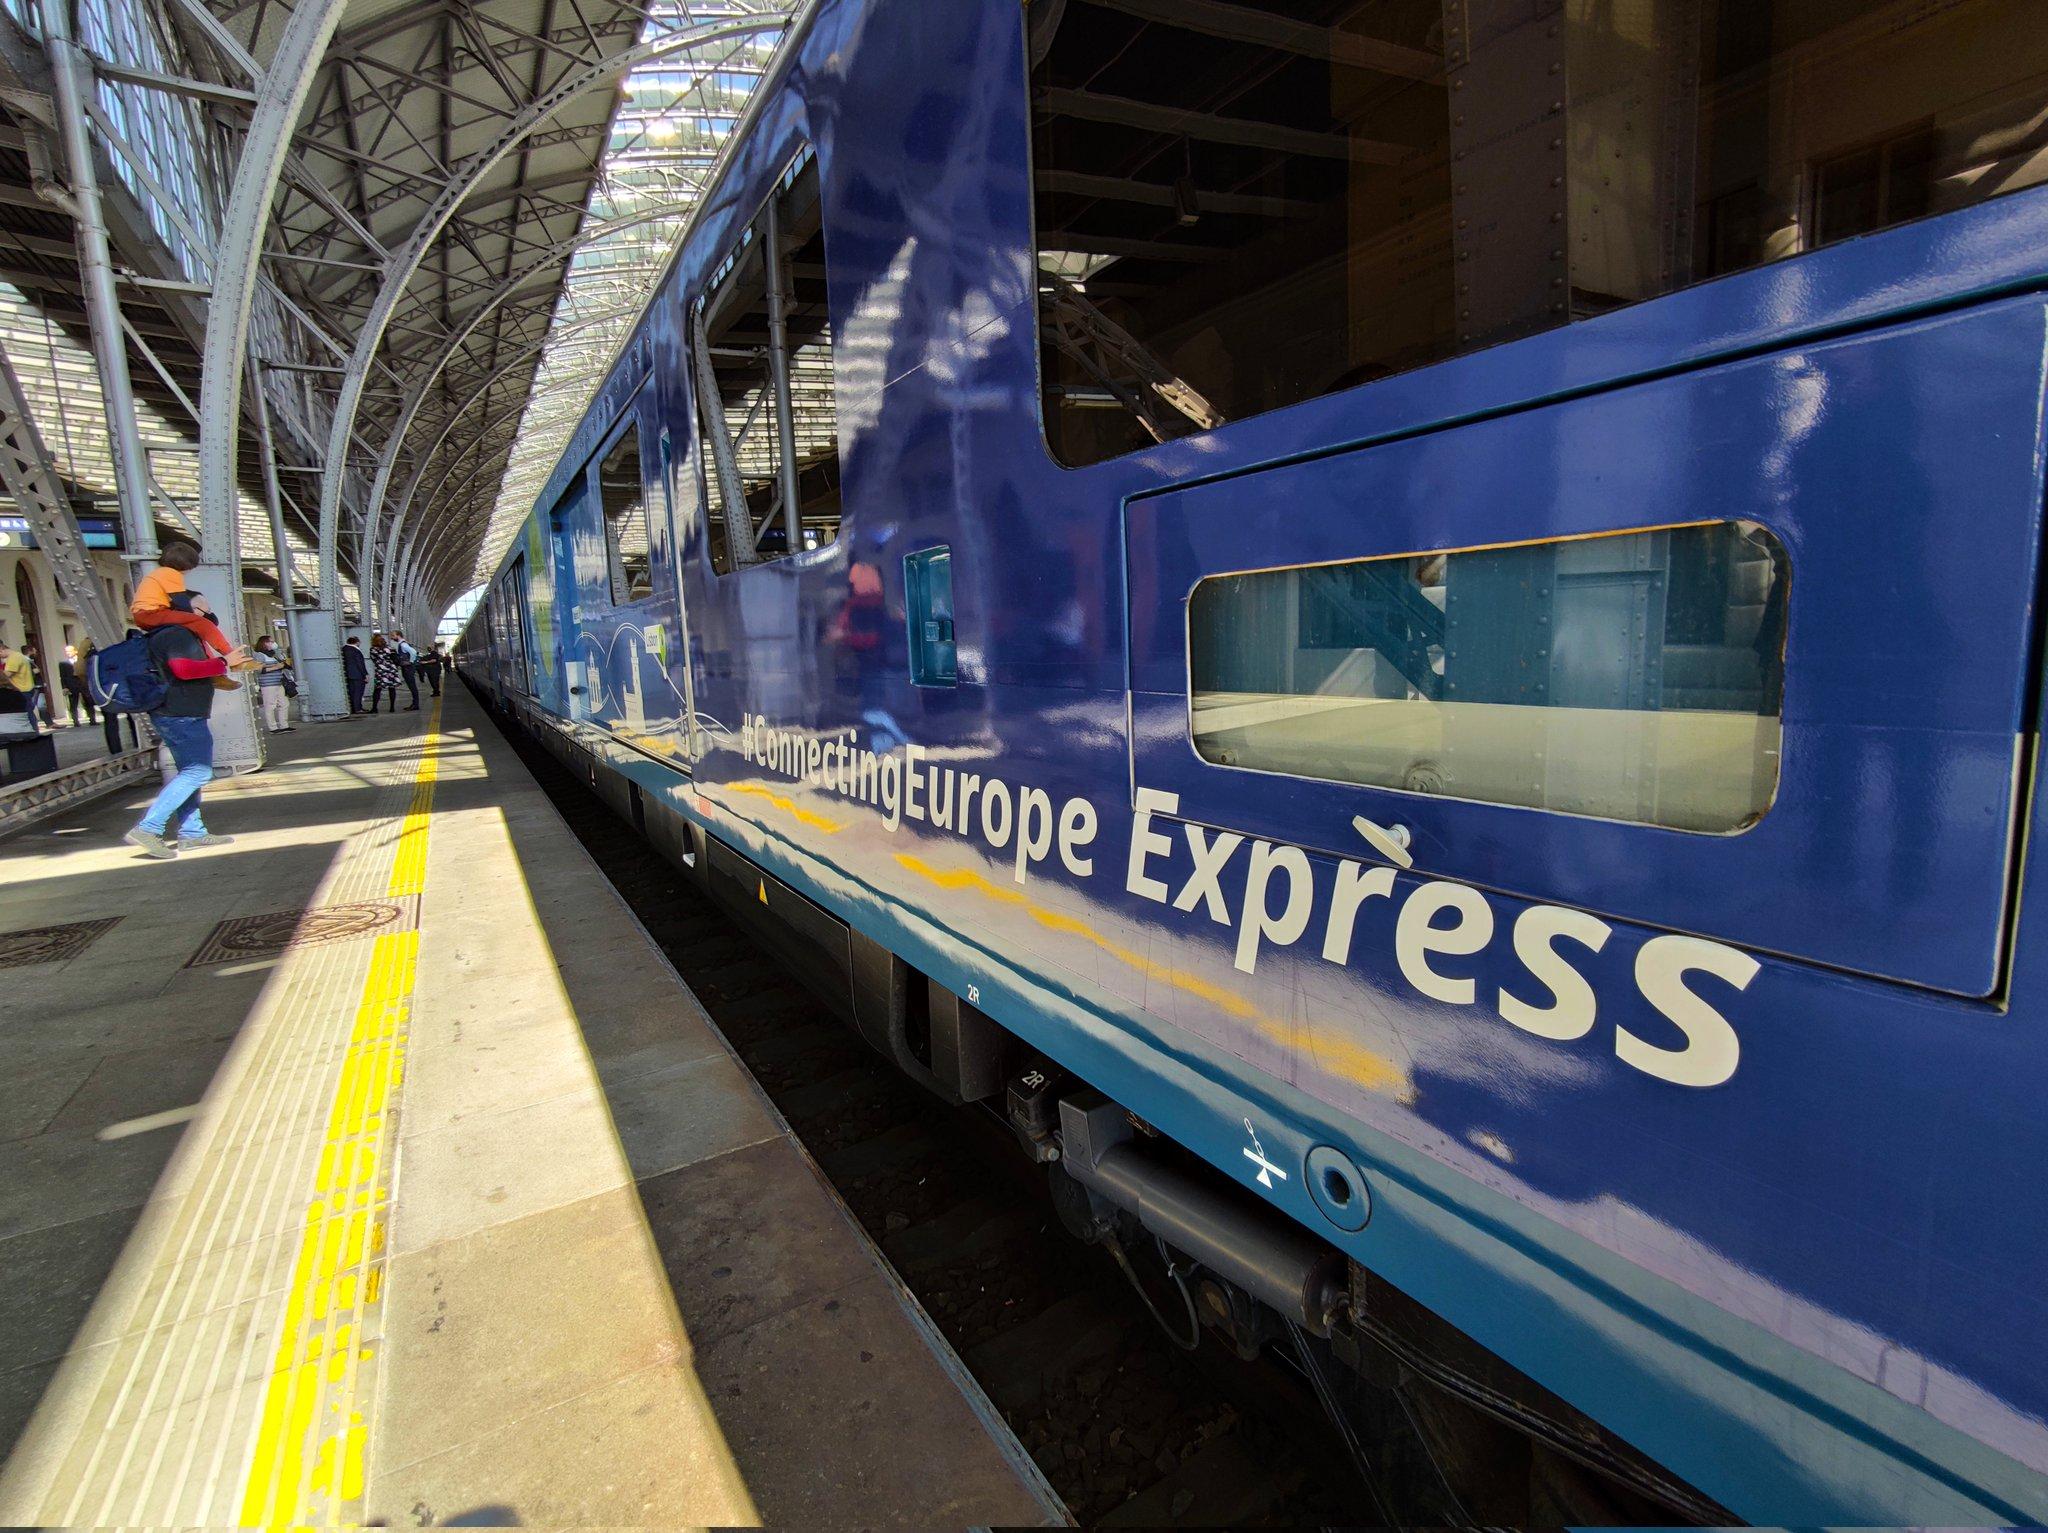 ČR je důležitým článkem v síti plánované rychlé evropské železnici. Chce maximálně využít zdroje EU